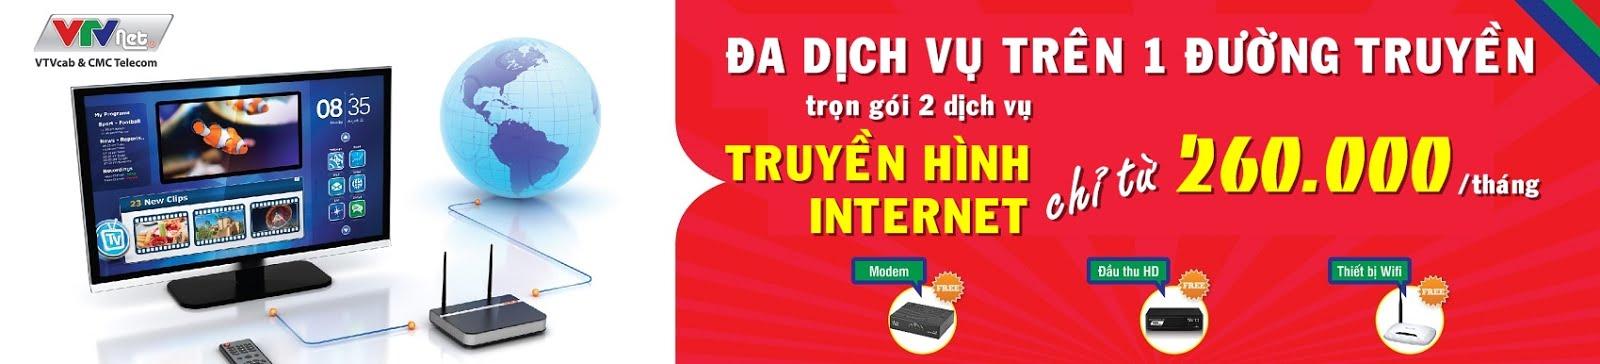 Dịch vụ Internet của VTV tại TP.HCM - VTVNet